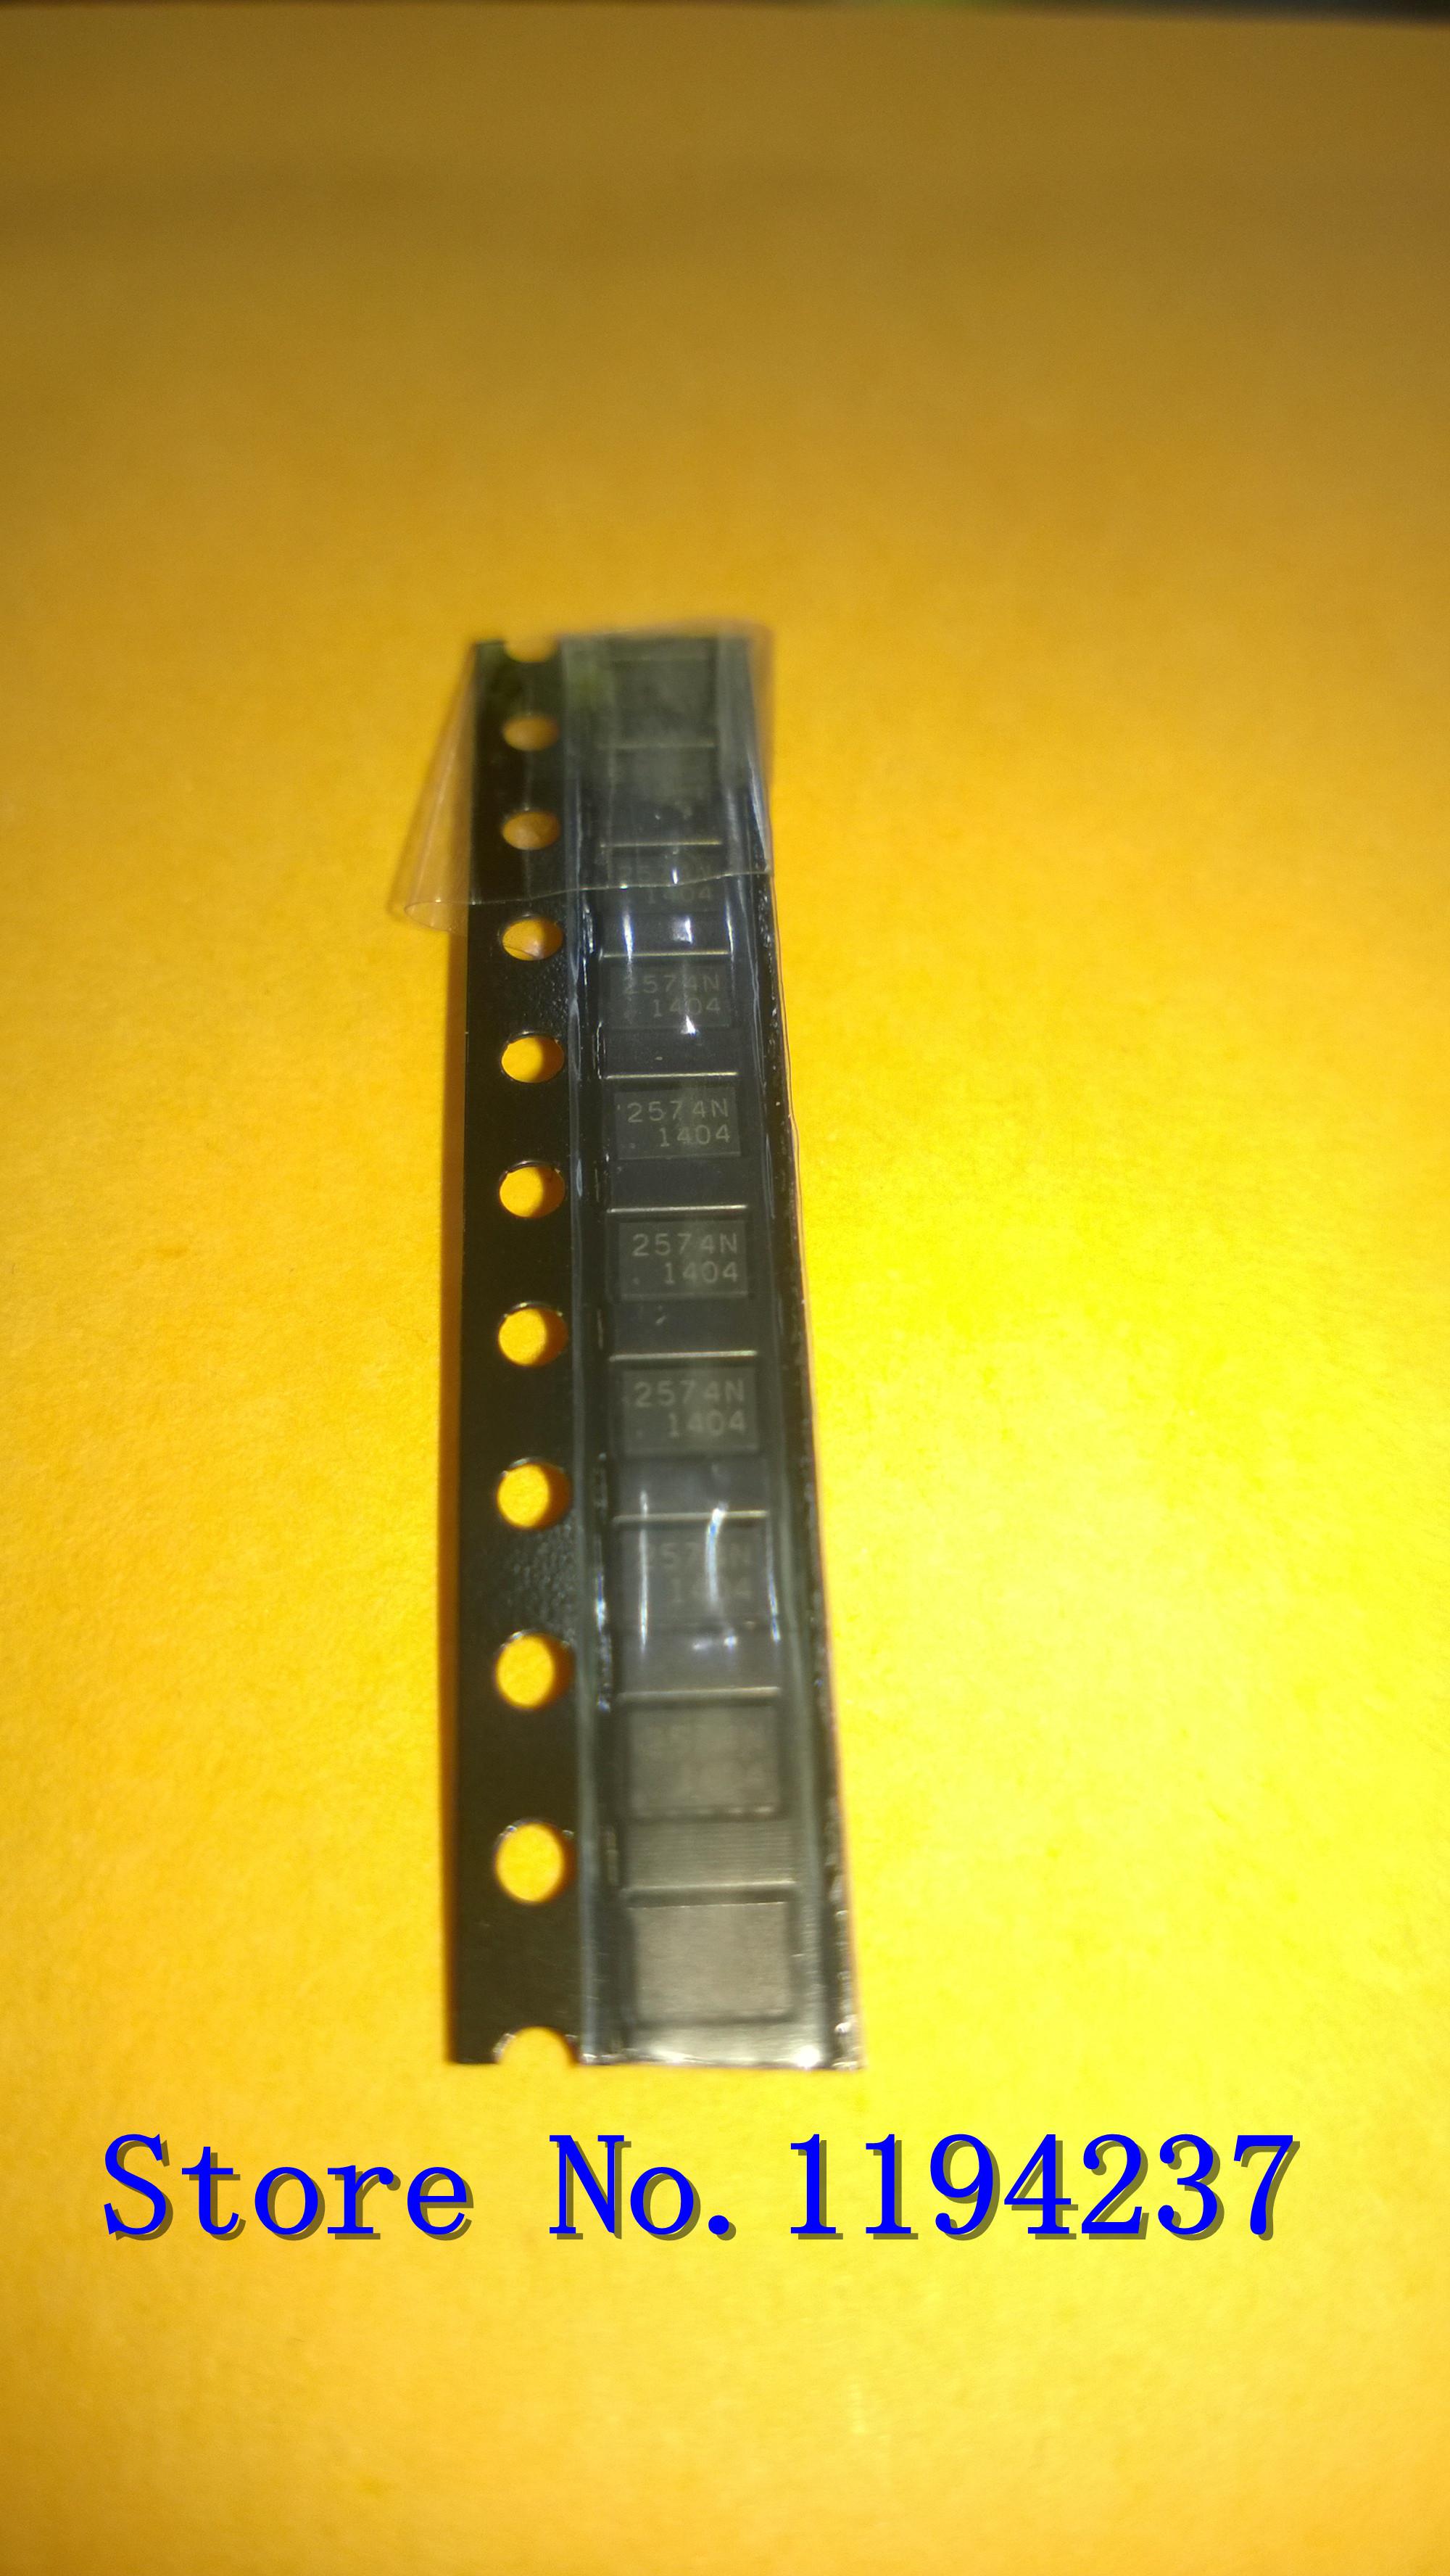 10pcs*  Brand New  CD3301BRHHR  CD3301B  QFN-36 IC  Chip